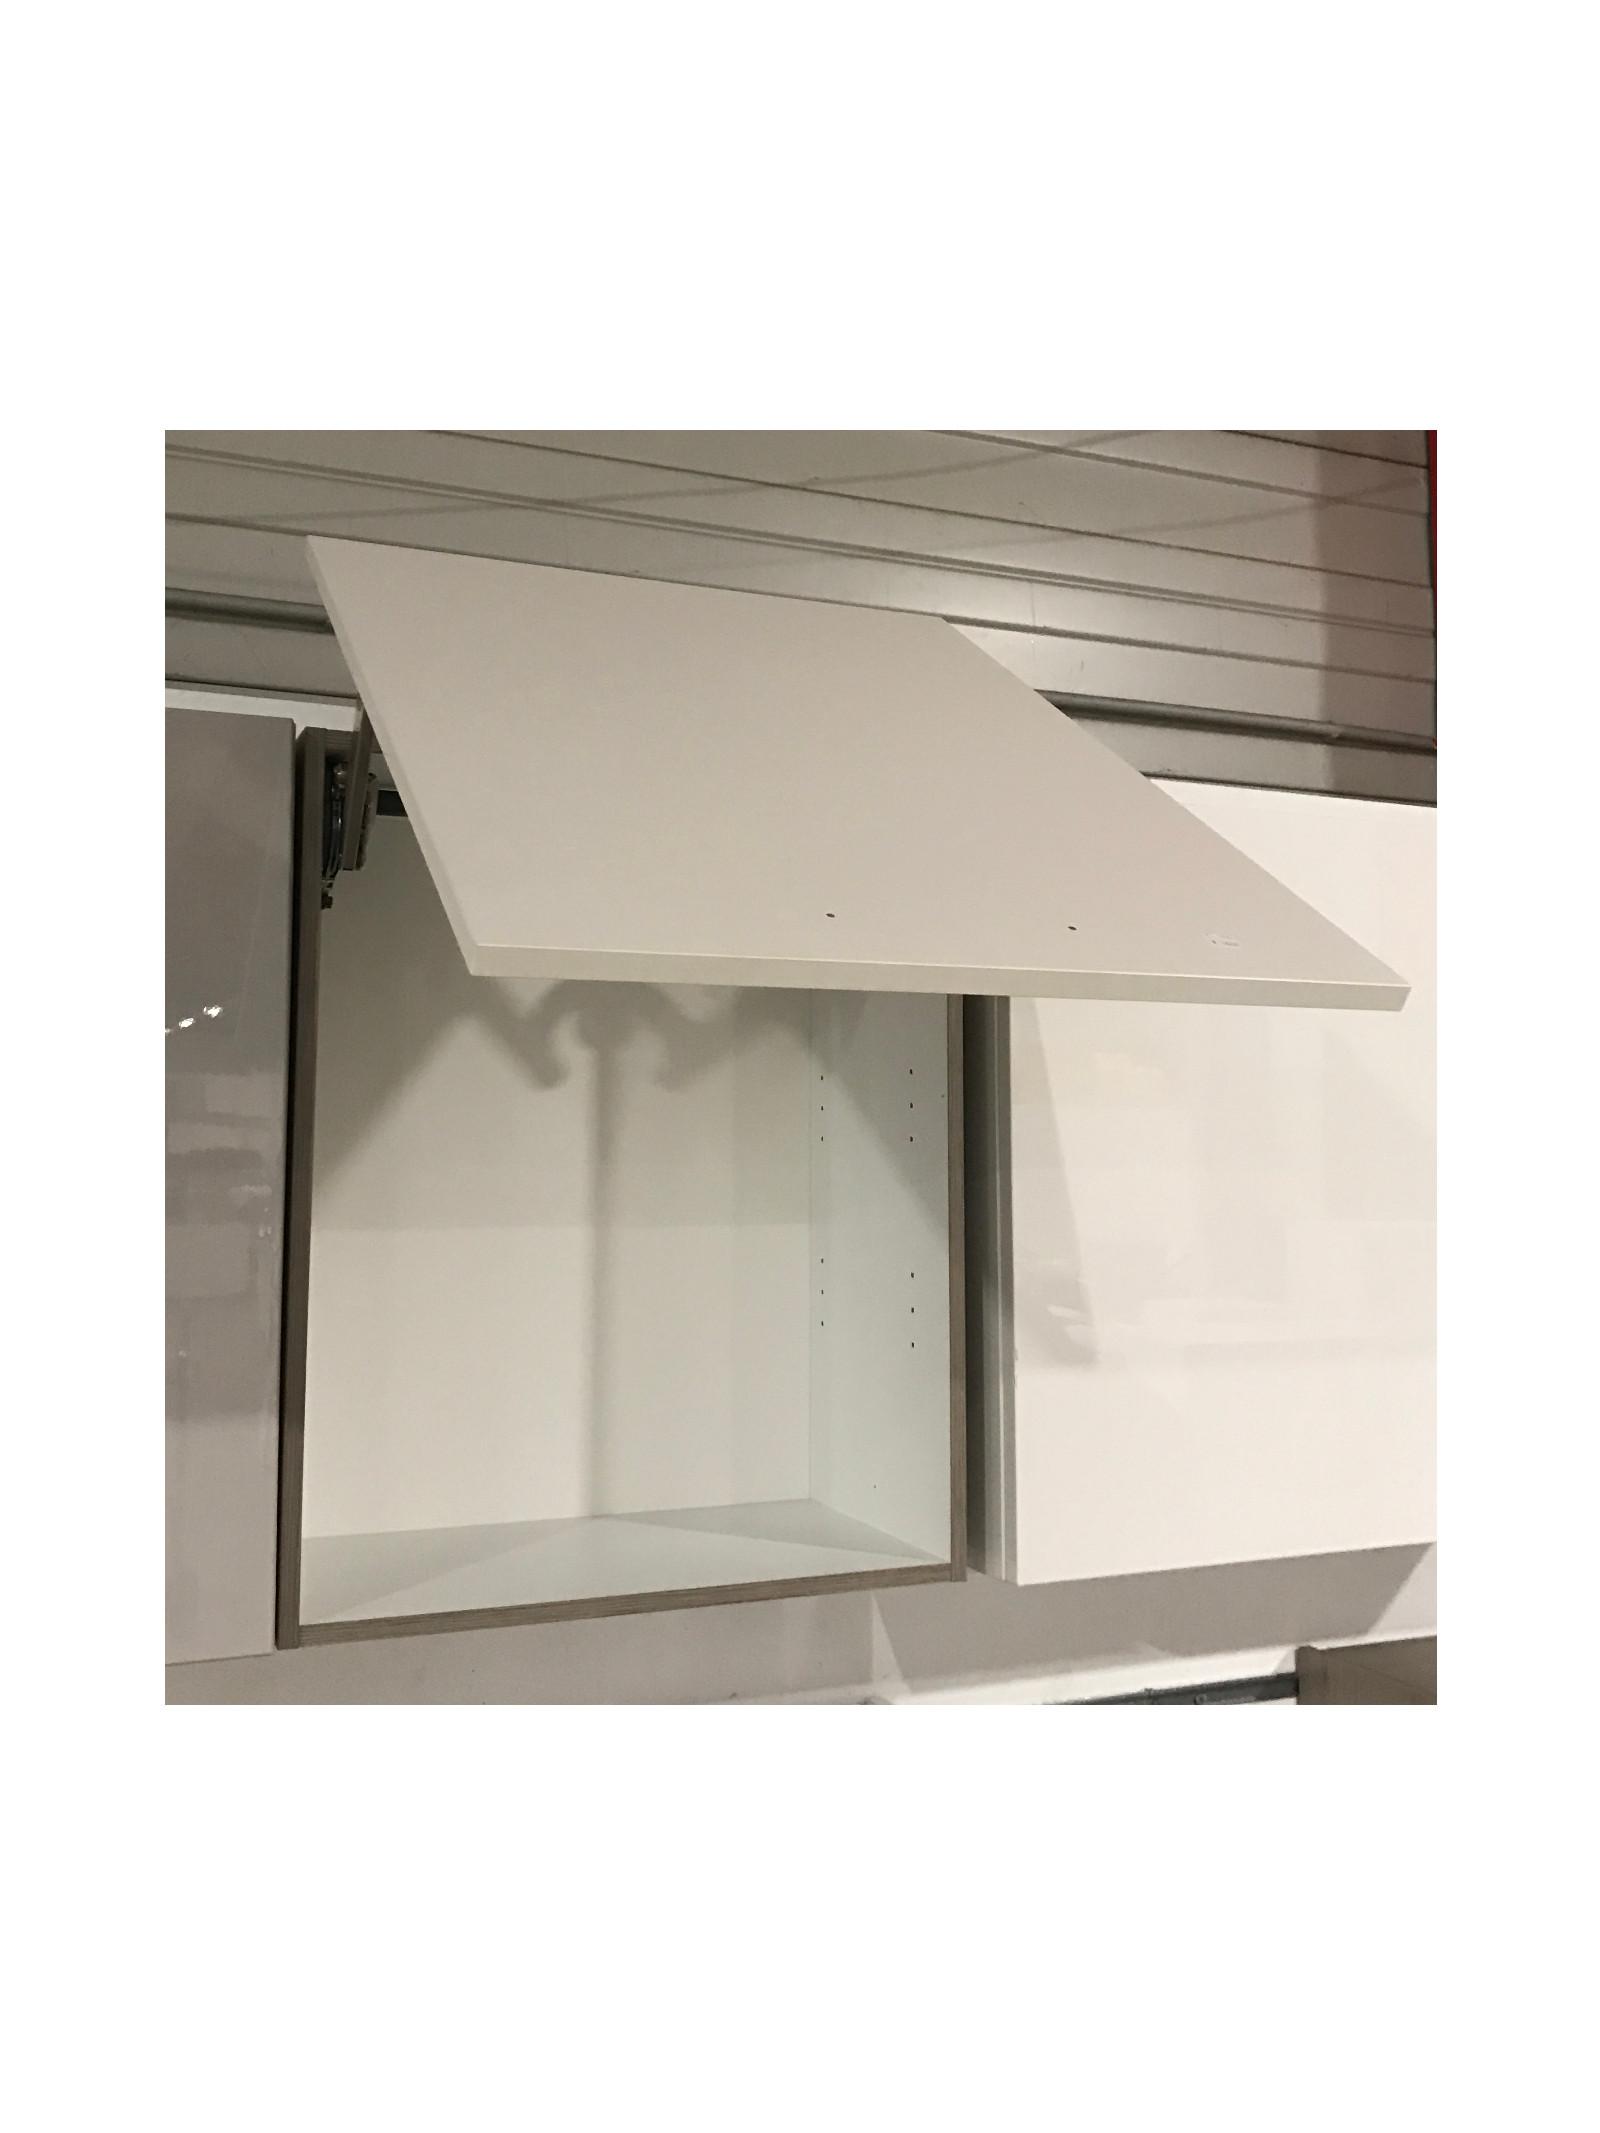 Hängeschrank mit Lifttür Magnolia Matt Eiche dunkel Küchenschrank | eBay